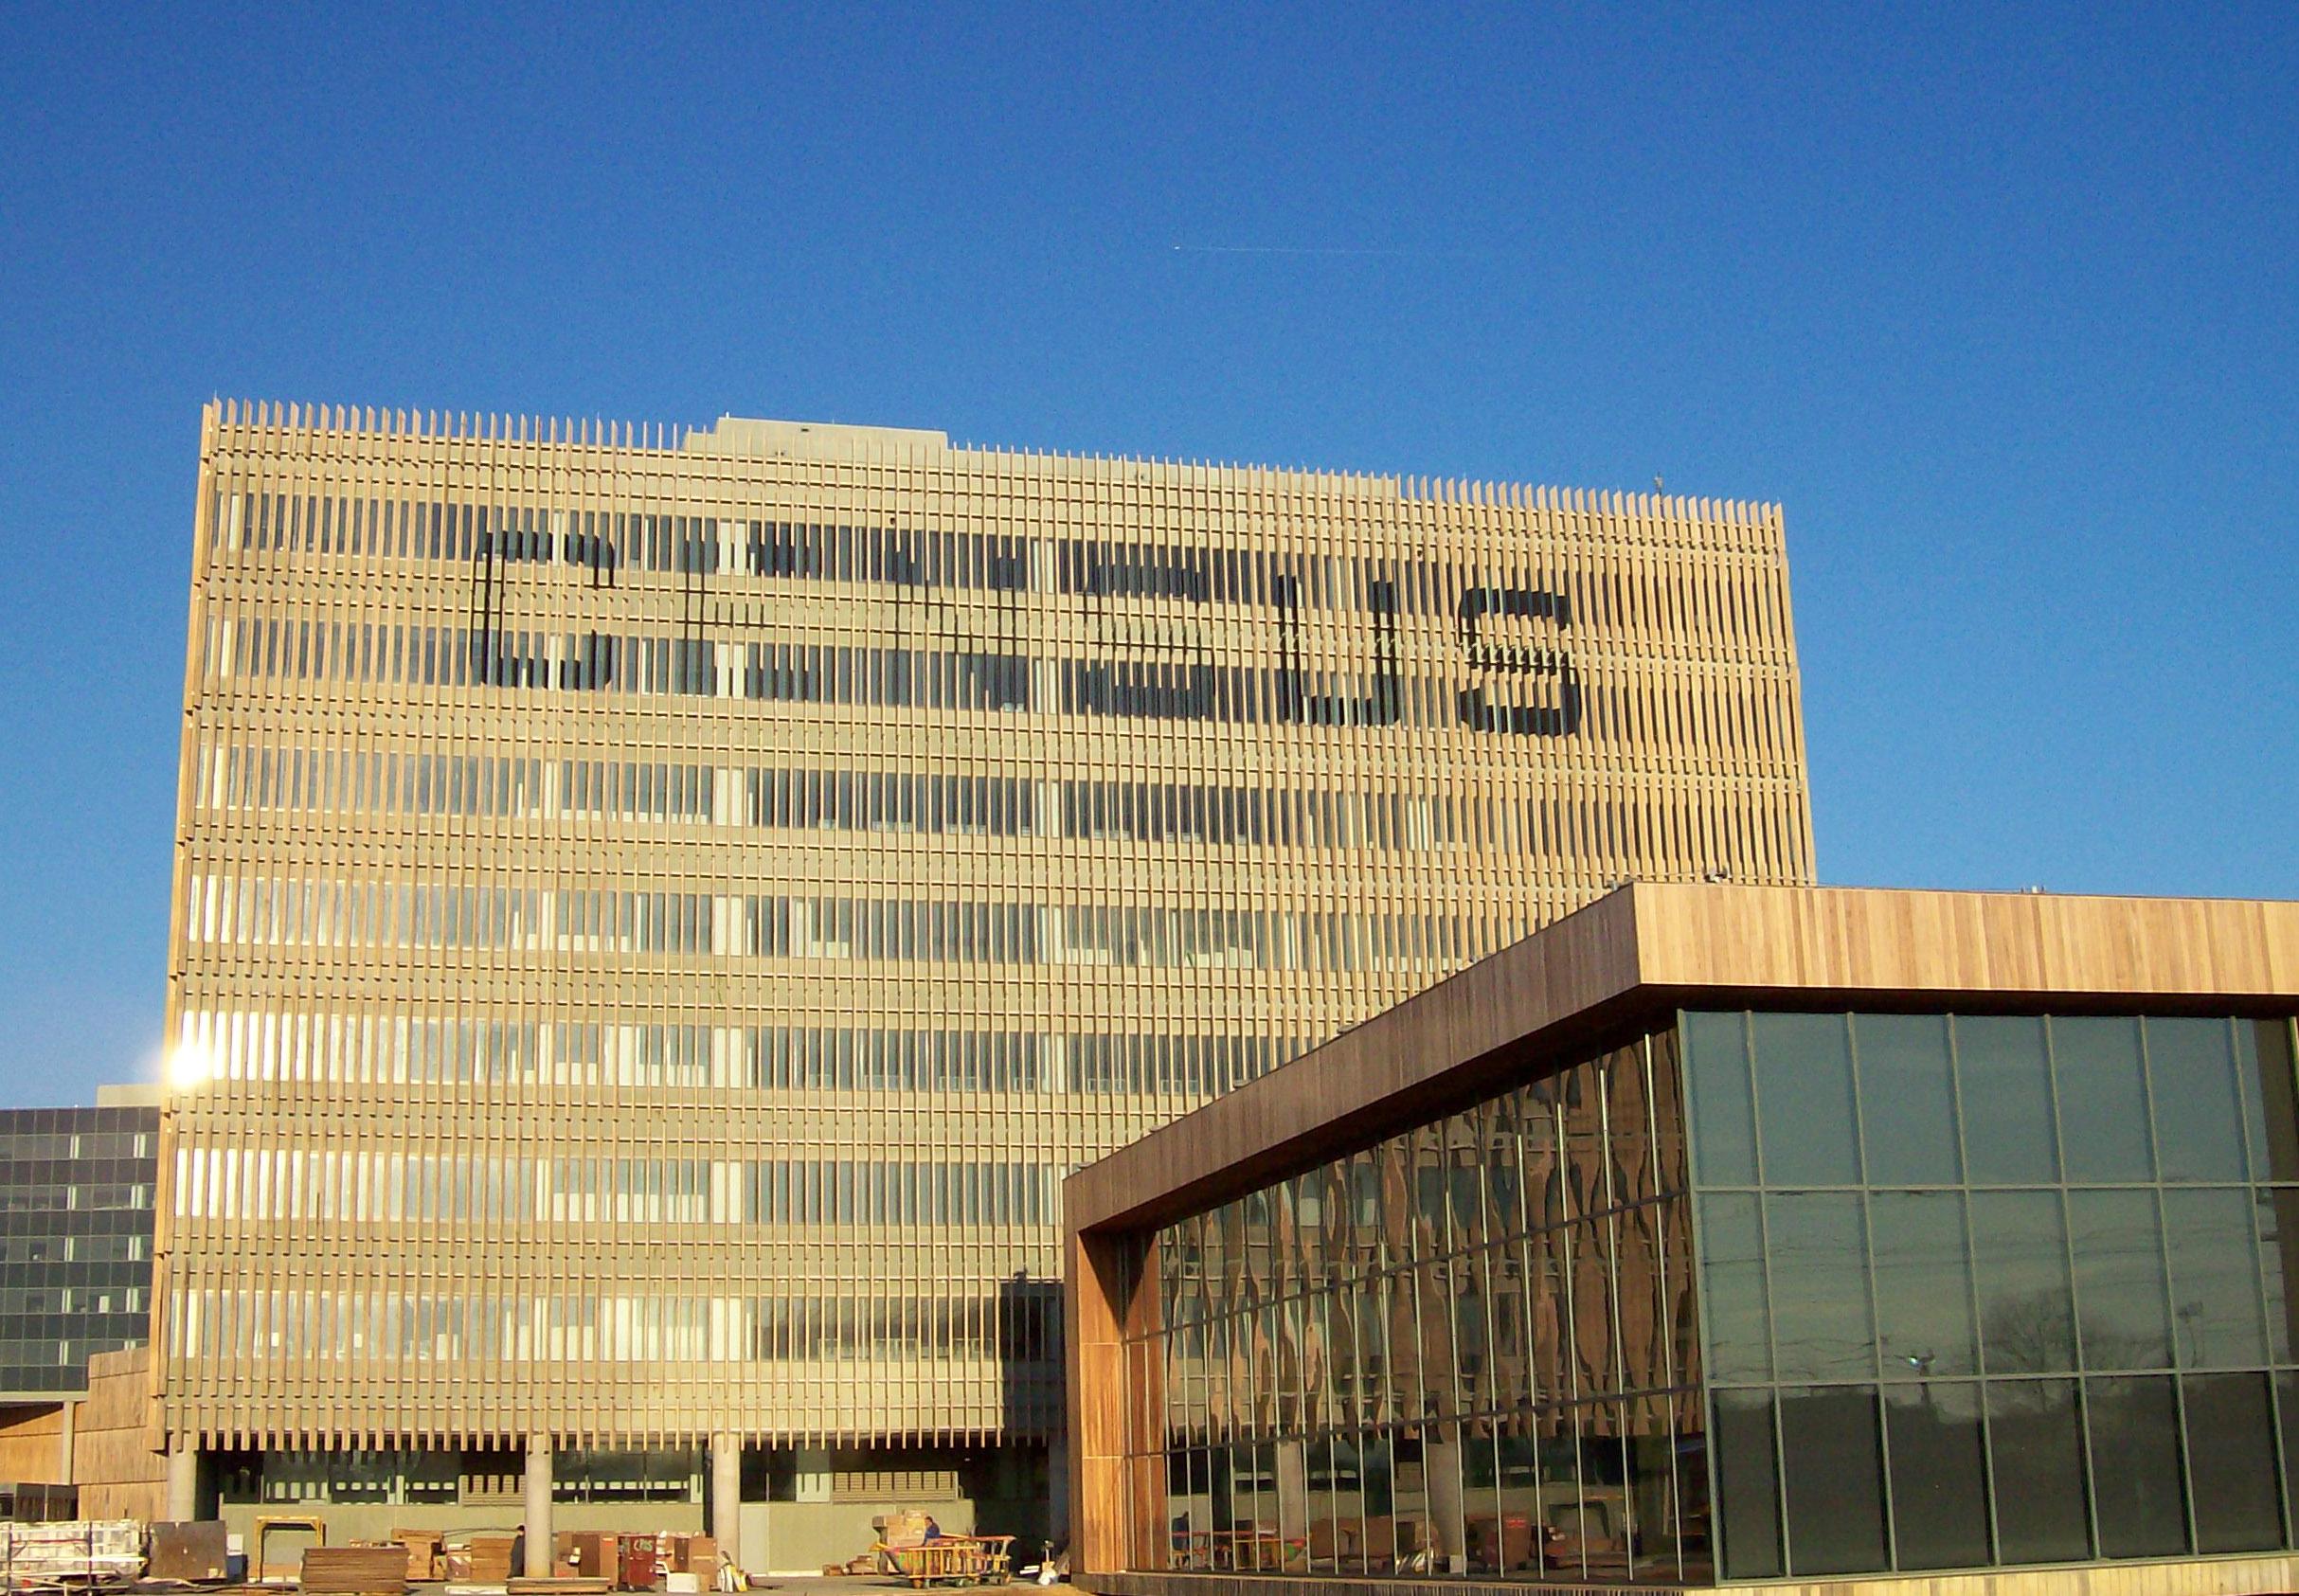 United States Census Bureau Headquarters American